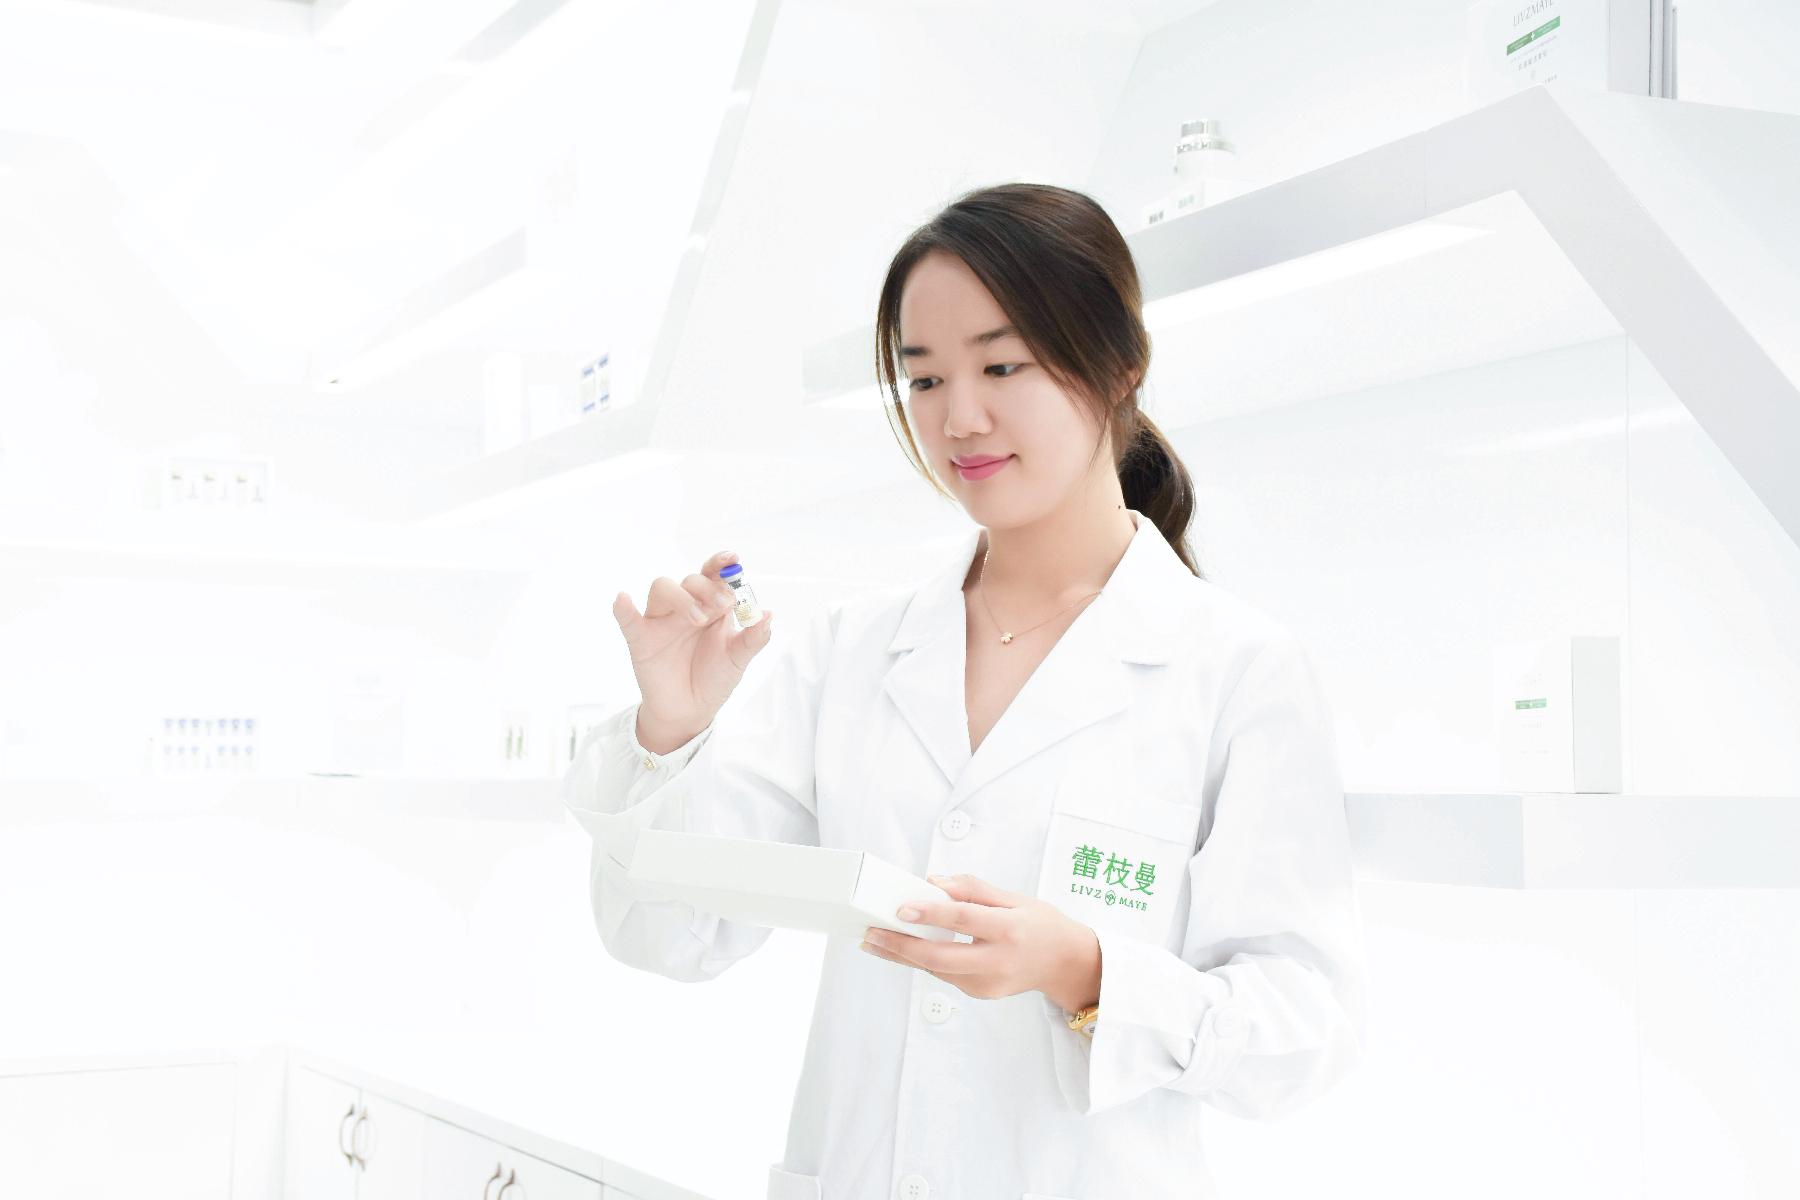 蕾枝曼淡斑可靠嗎?對皮膚是否有傷害?